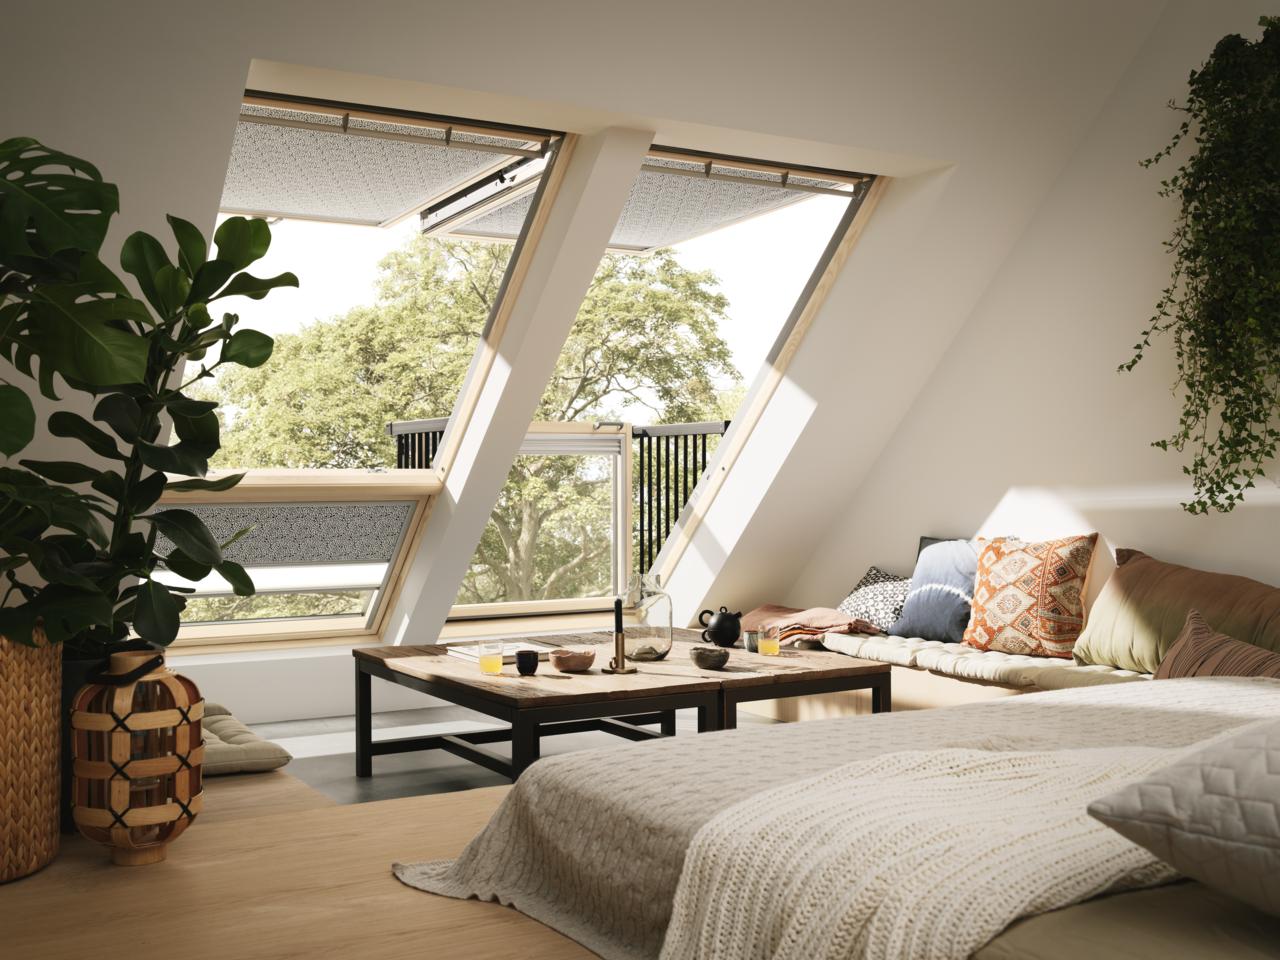 La finestra a balcone belvedere a sorpresa for Finestre sottotetto